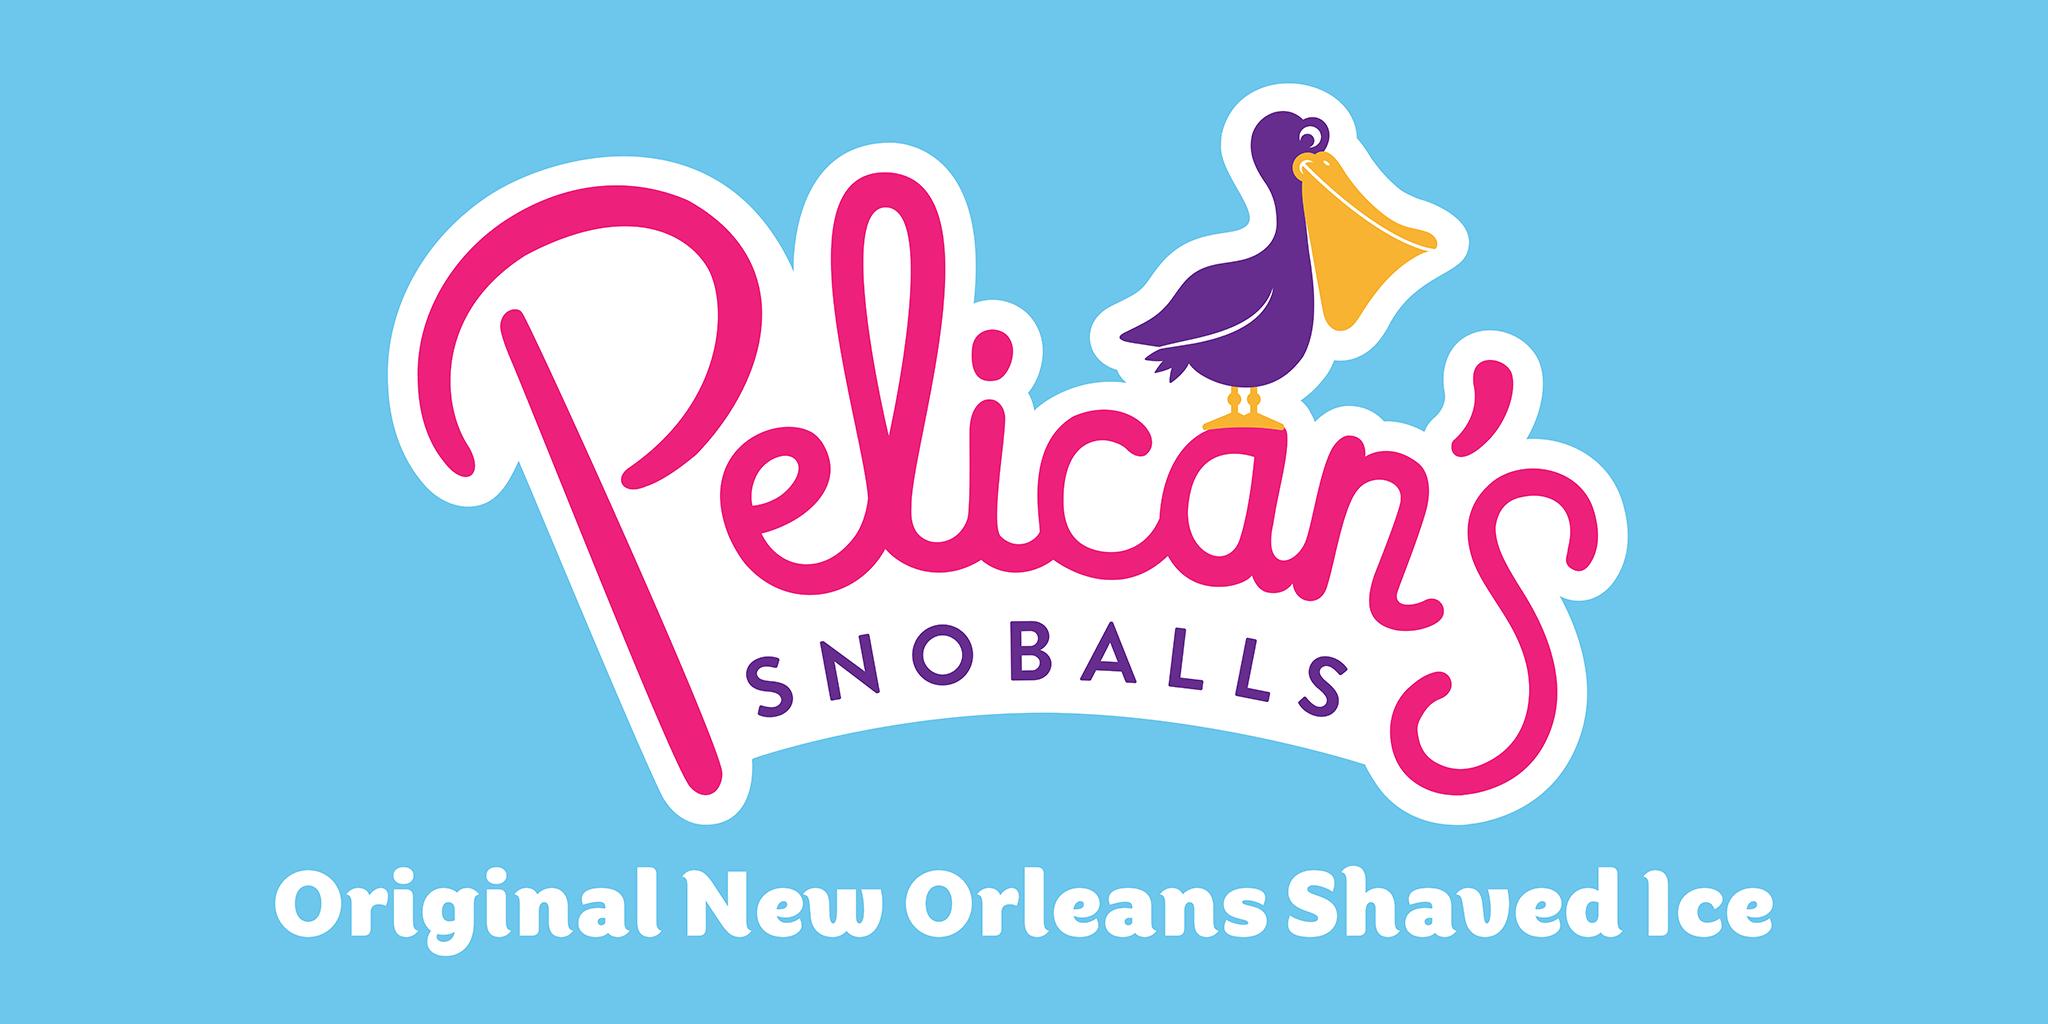 Pelican%27s Snoballs.png